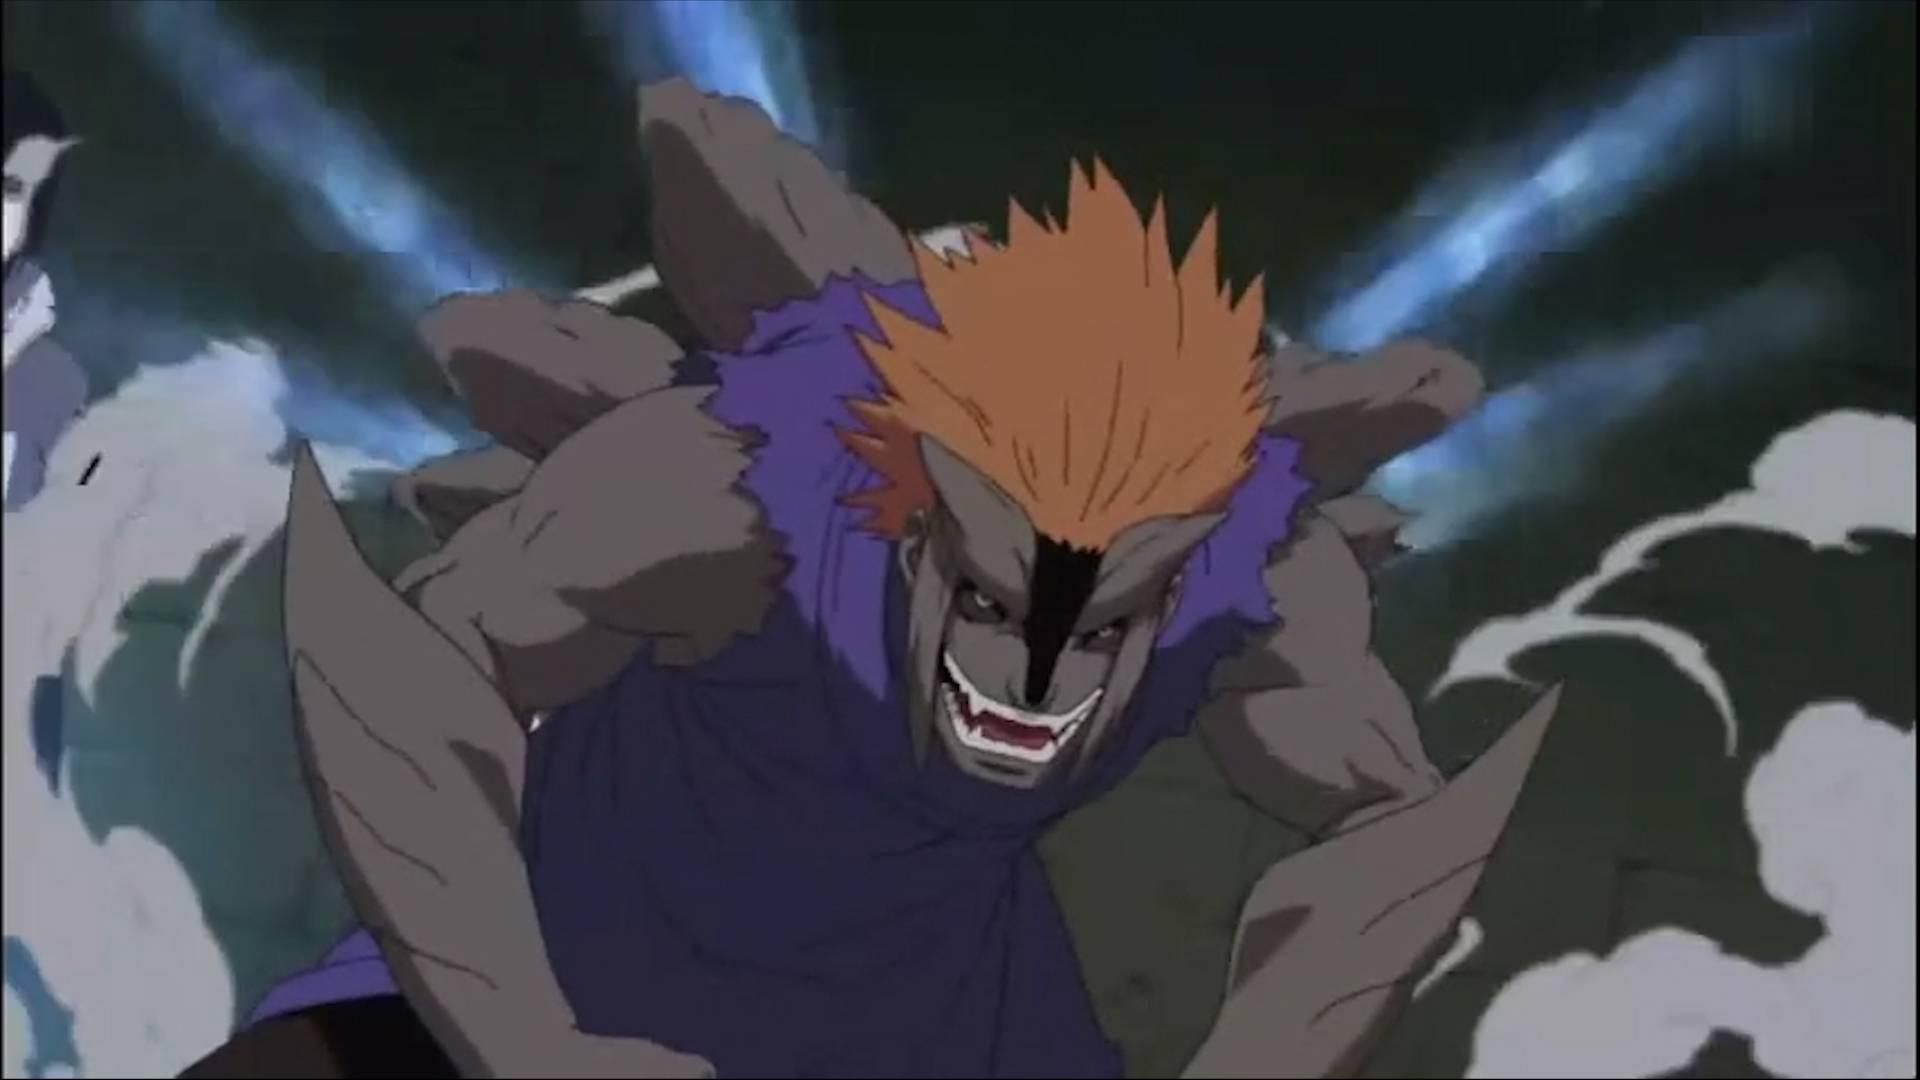 火影忍者:4个堪比血继限界的忍术,1个能得永生,1个近战无敌